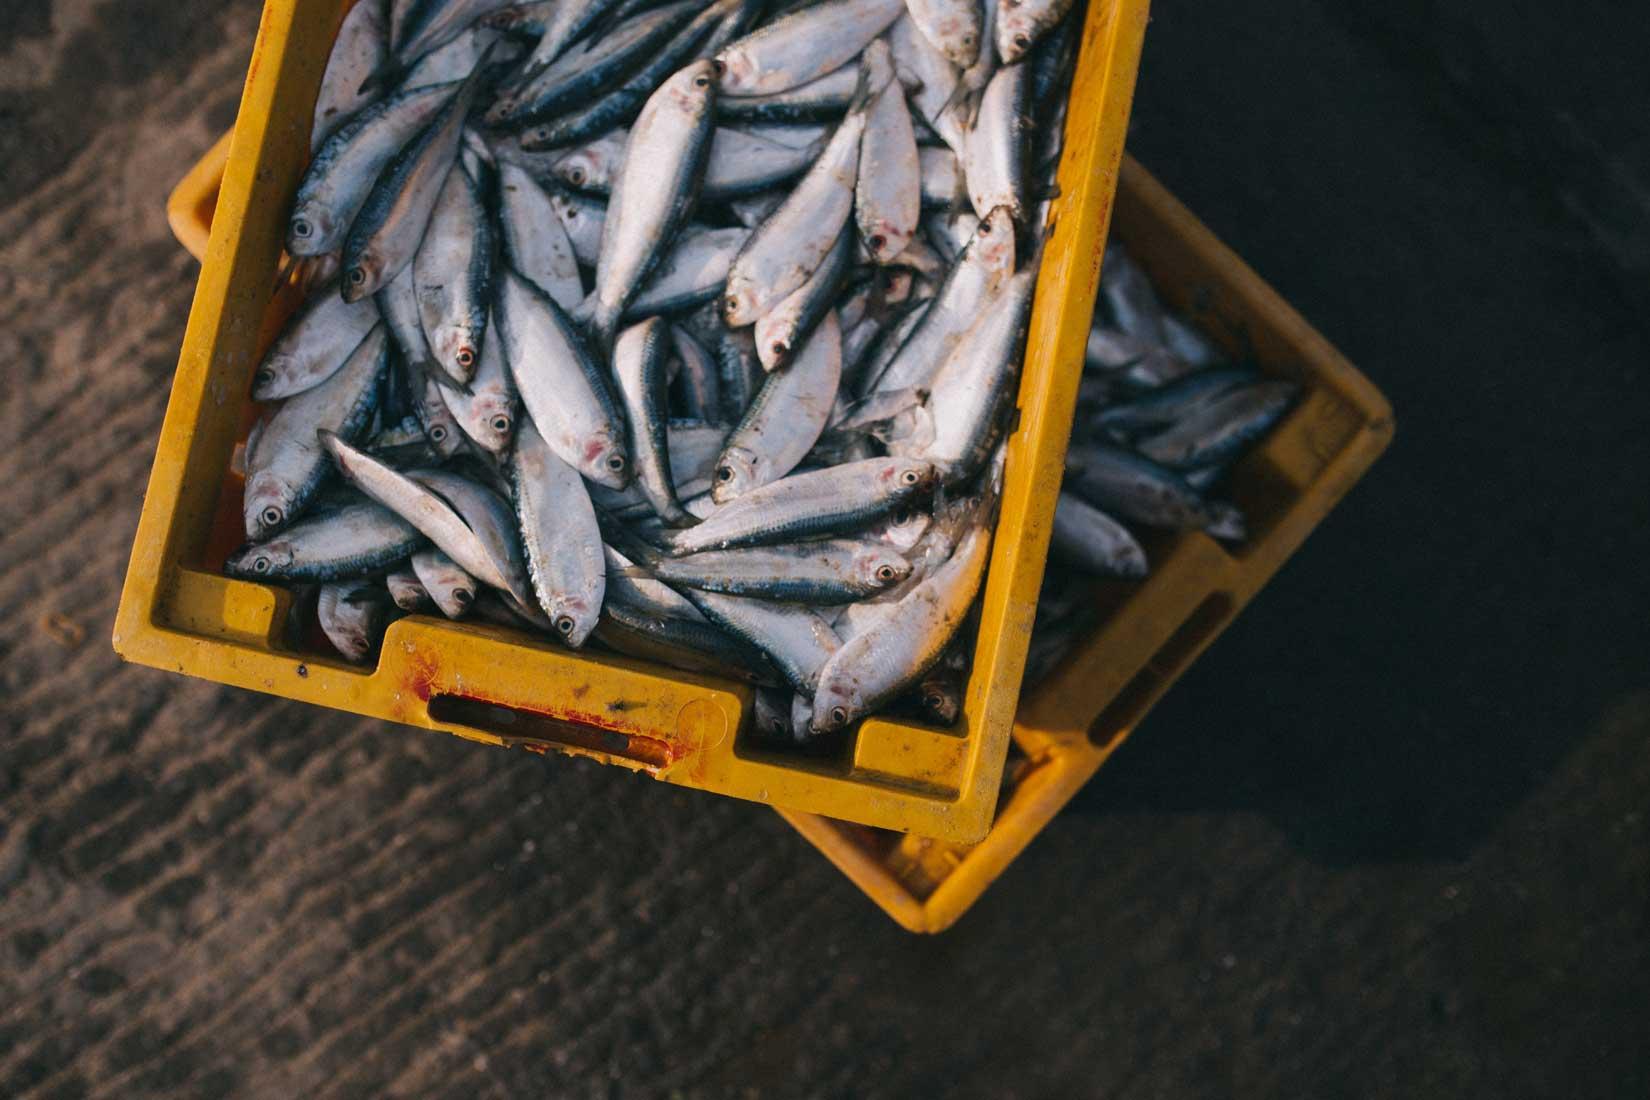 Ikan Toman Sebagai Sumber Alternatif Terbaru Dalam Penyembuhan Luka Ismut Fitomedika